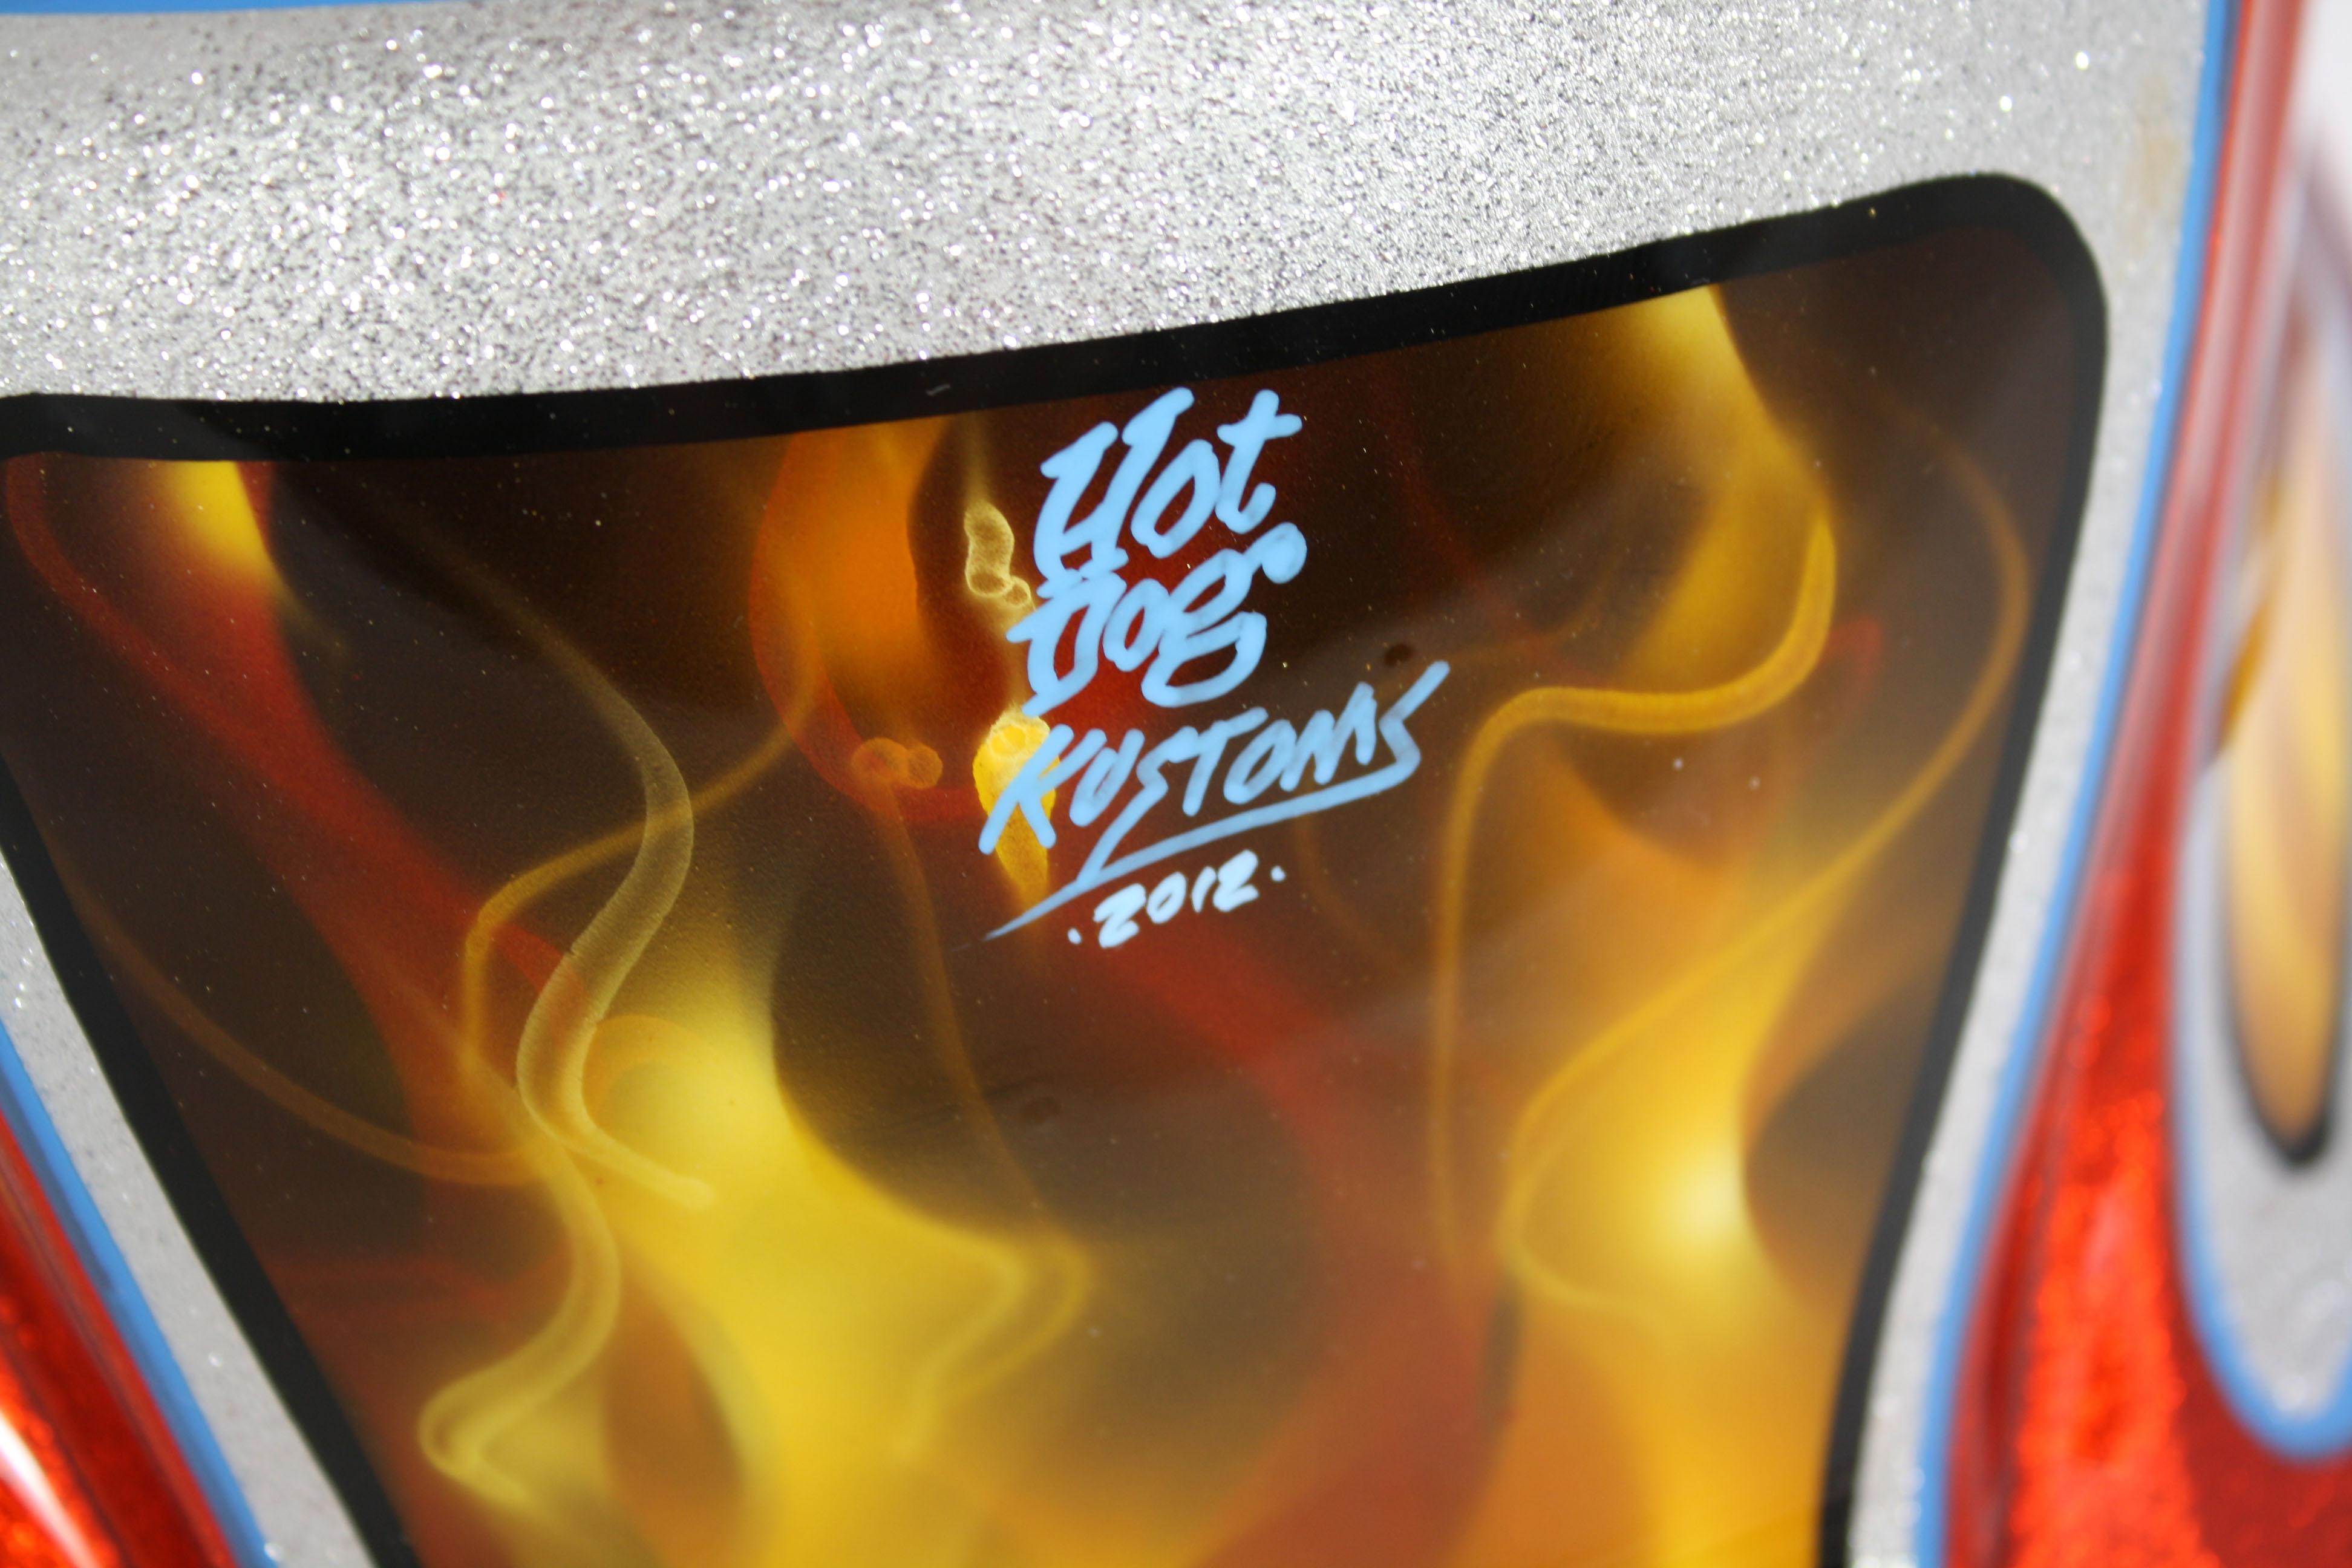 Hot Dog Kustoms Miller Welding Helmets for Arc-Zone